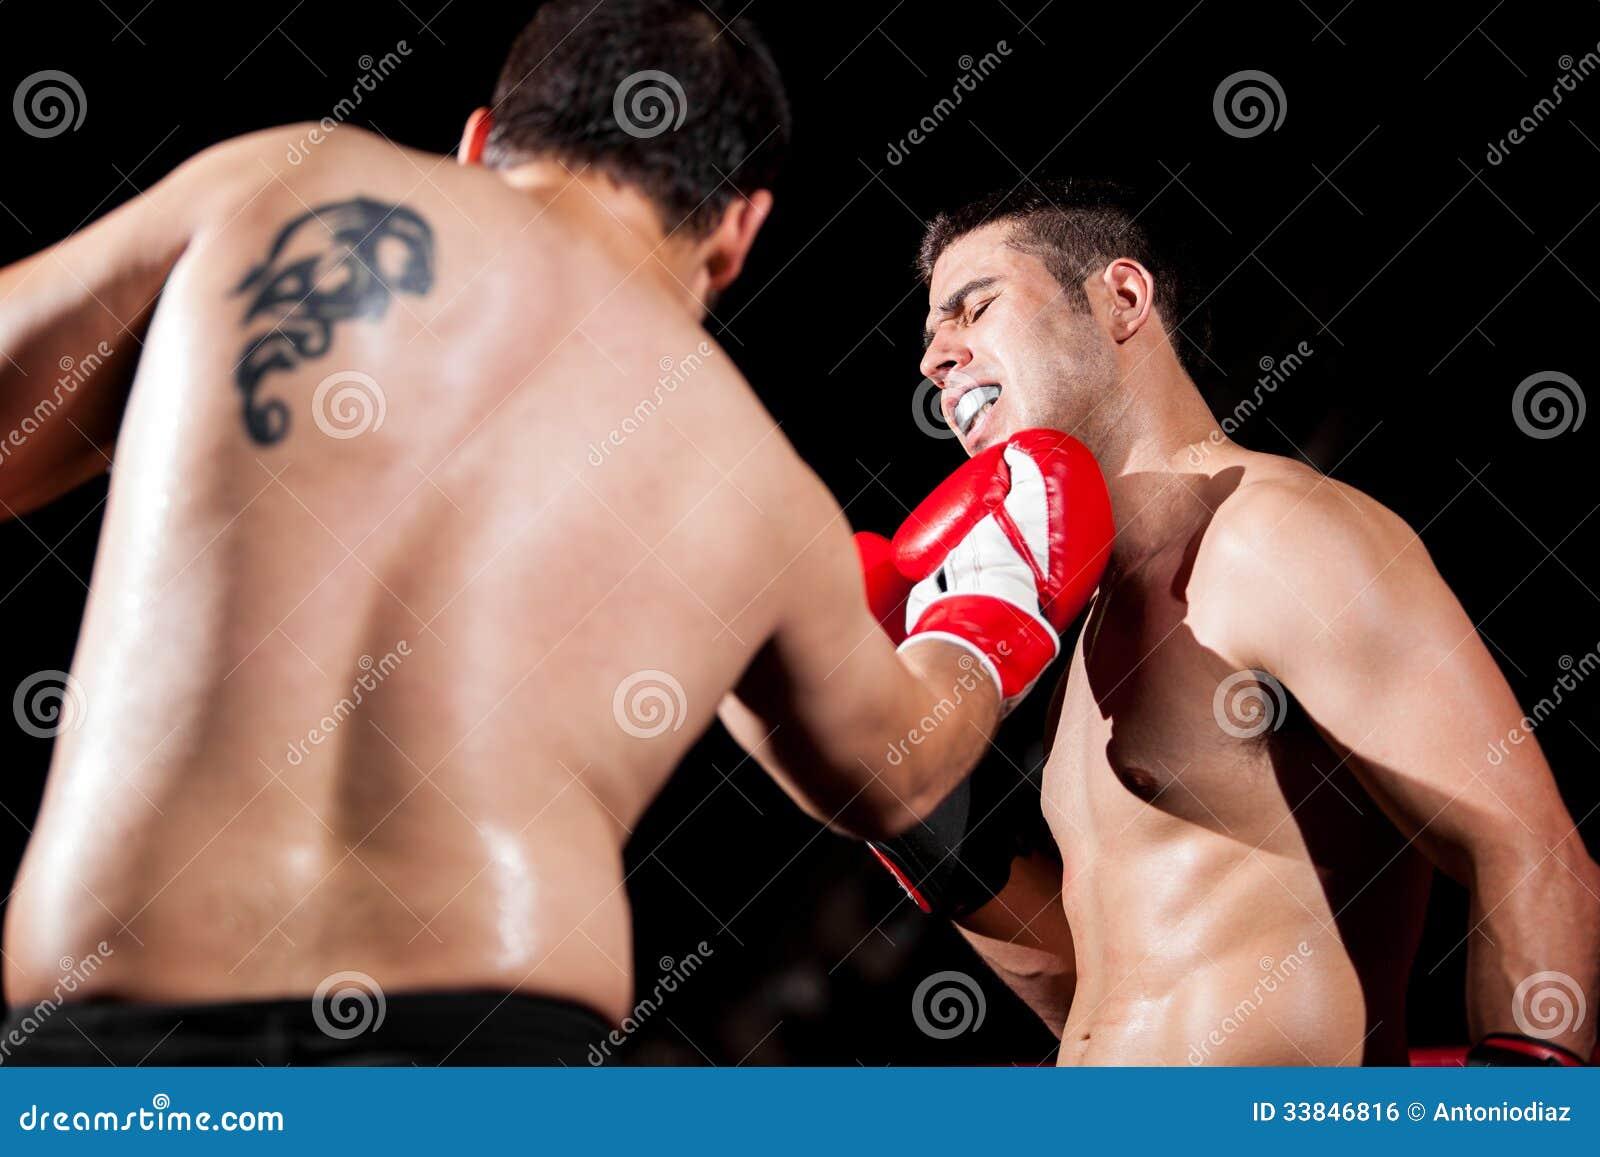 Siendo perforado durante una lucha